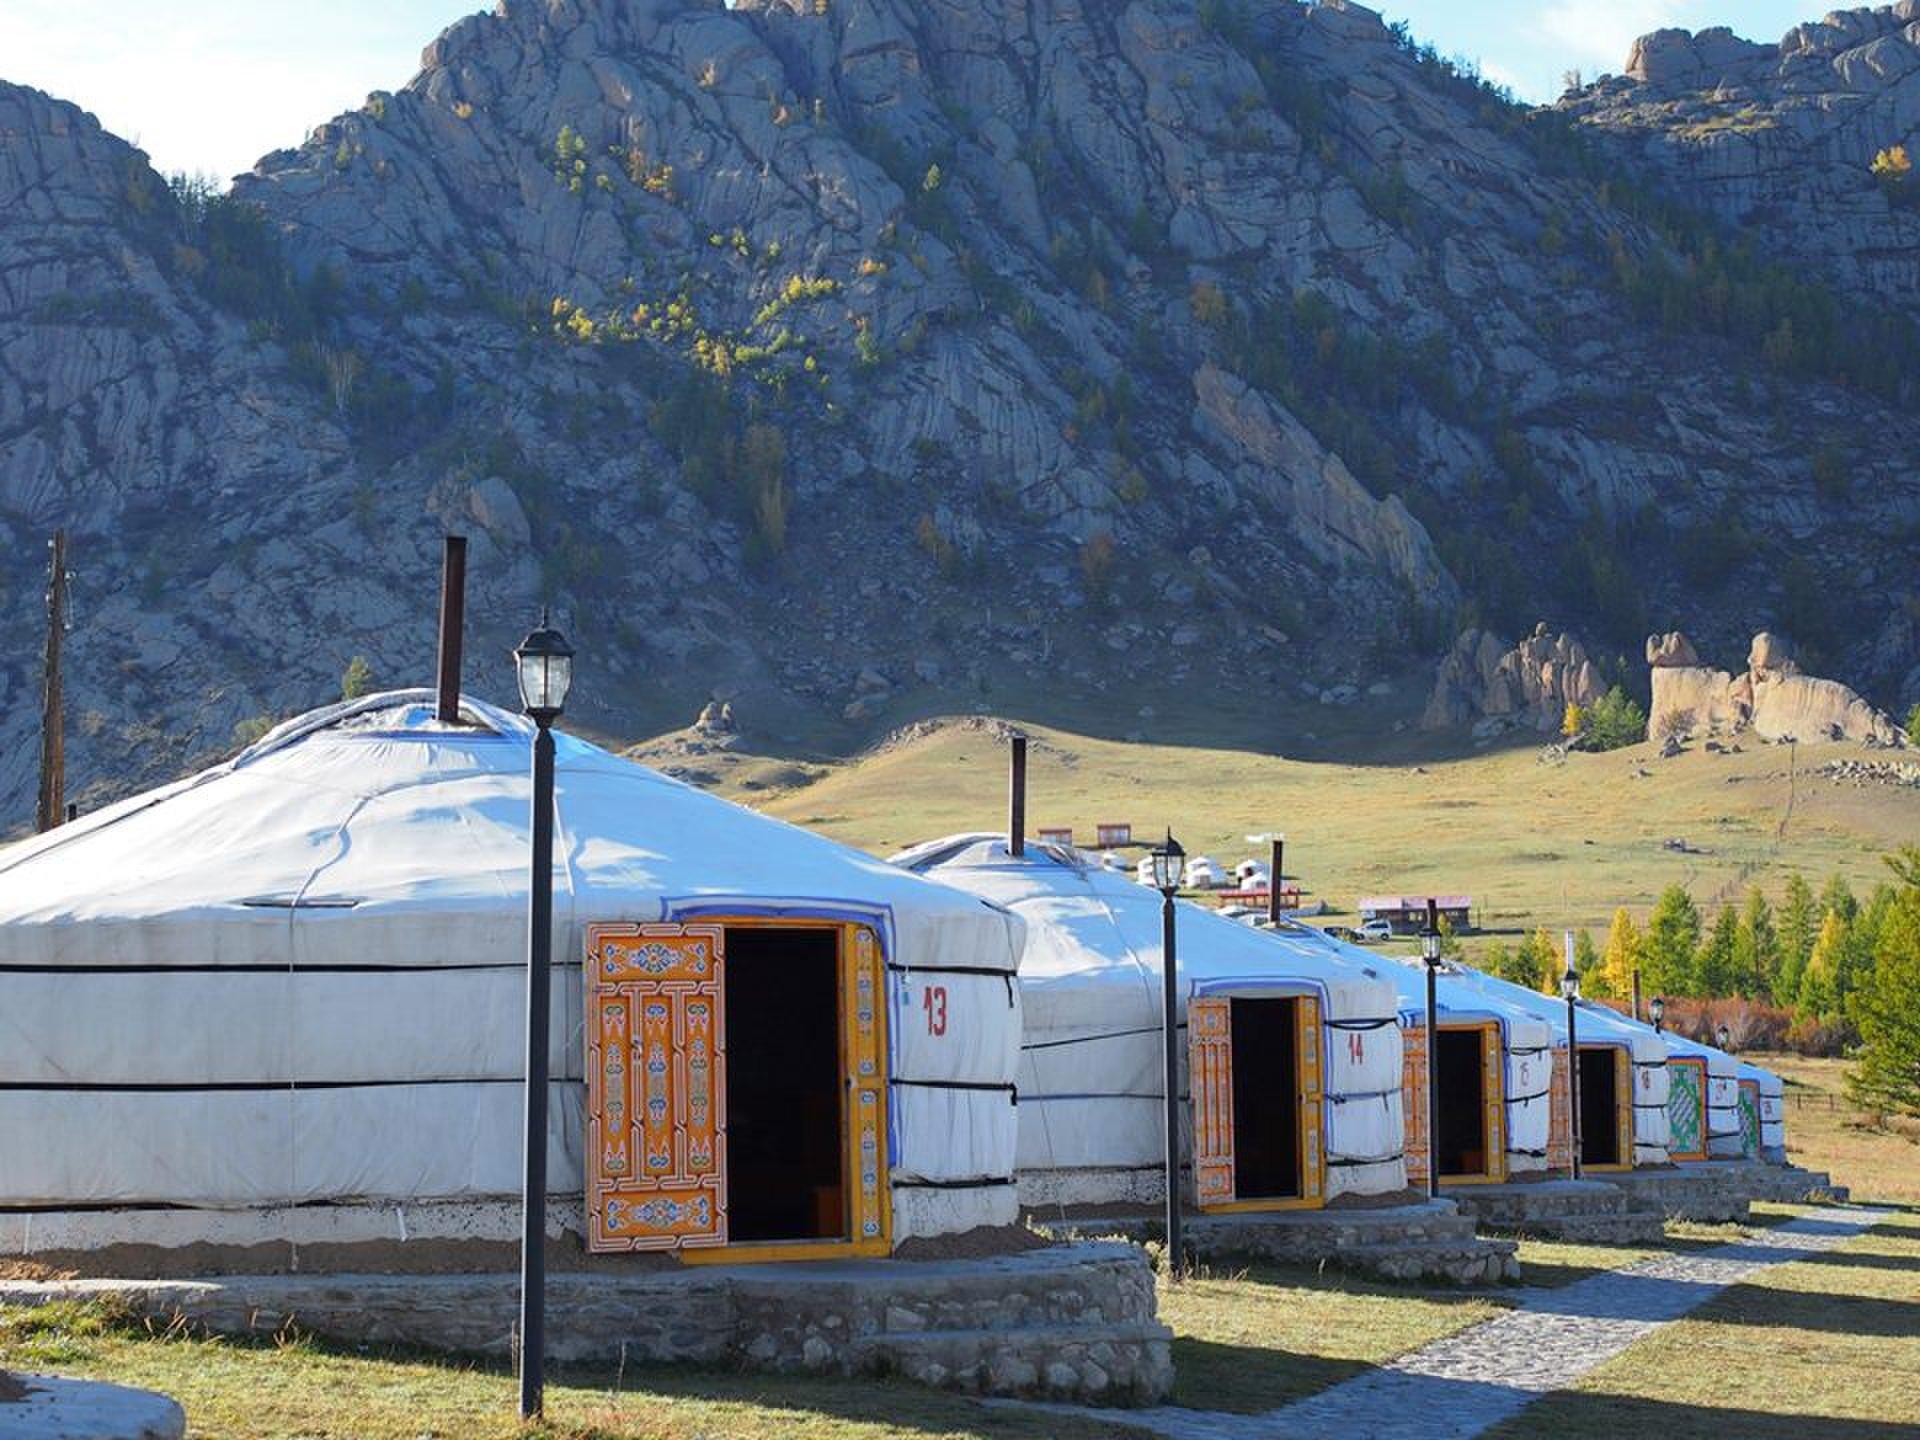 【海外】モンゴルの大草原で乗馬&ゲルキャンプ!夜はモンゴルの満天の星空を!